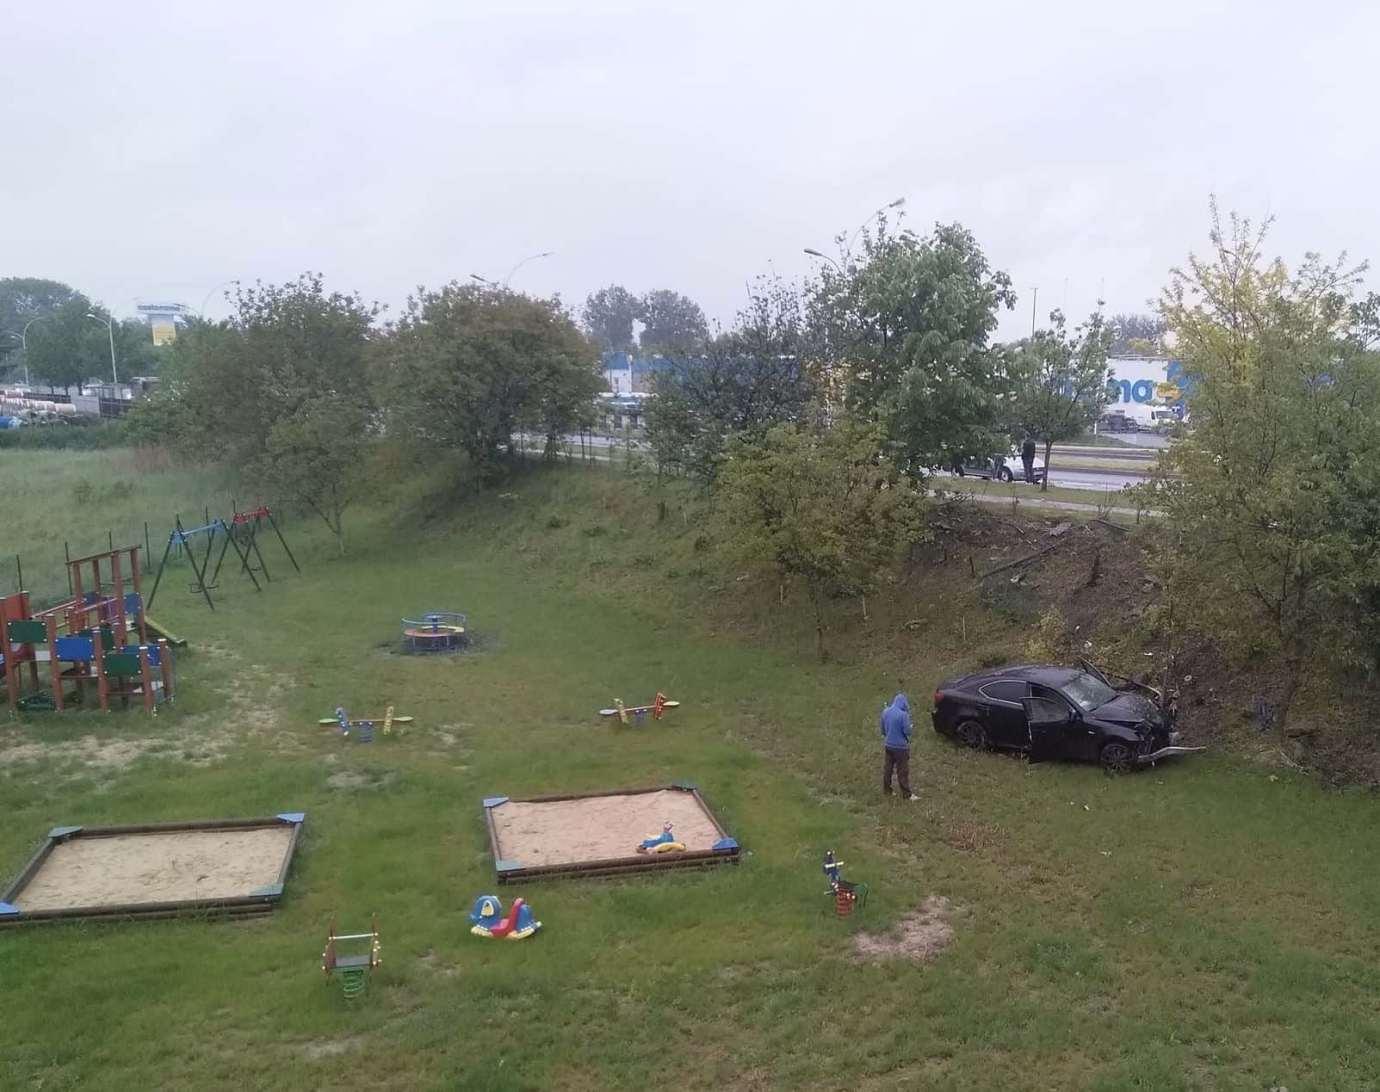 img 9250 Zamość: Mogło dojść do tragedii! Samochód wypadł z drogi i wpadł na teren placu zabaw.